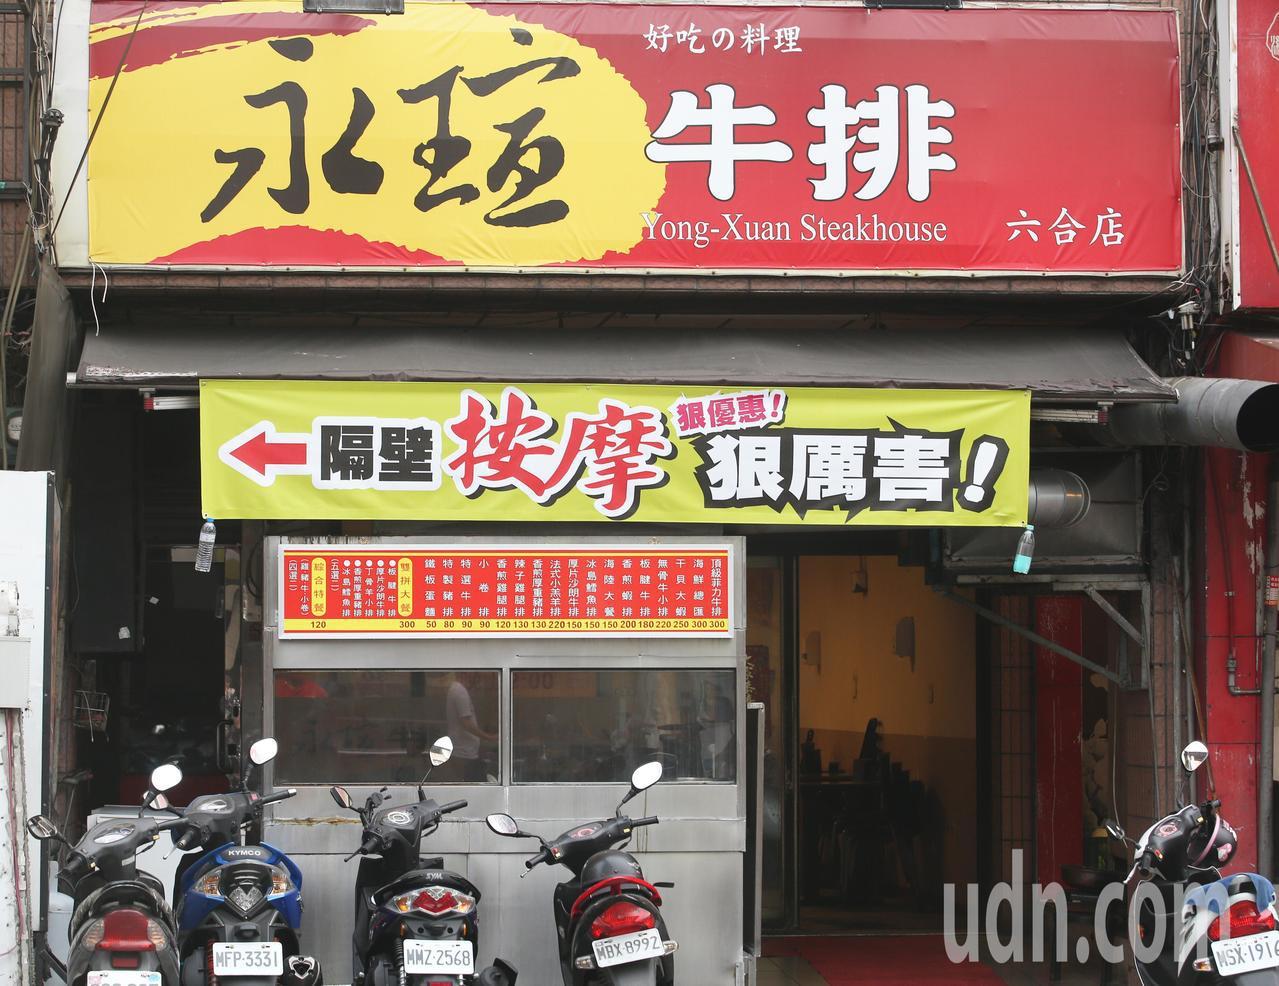 這家牛排店布條寫道「←隔壁按摩很厲害」。記者劉學聖/攝影